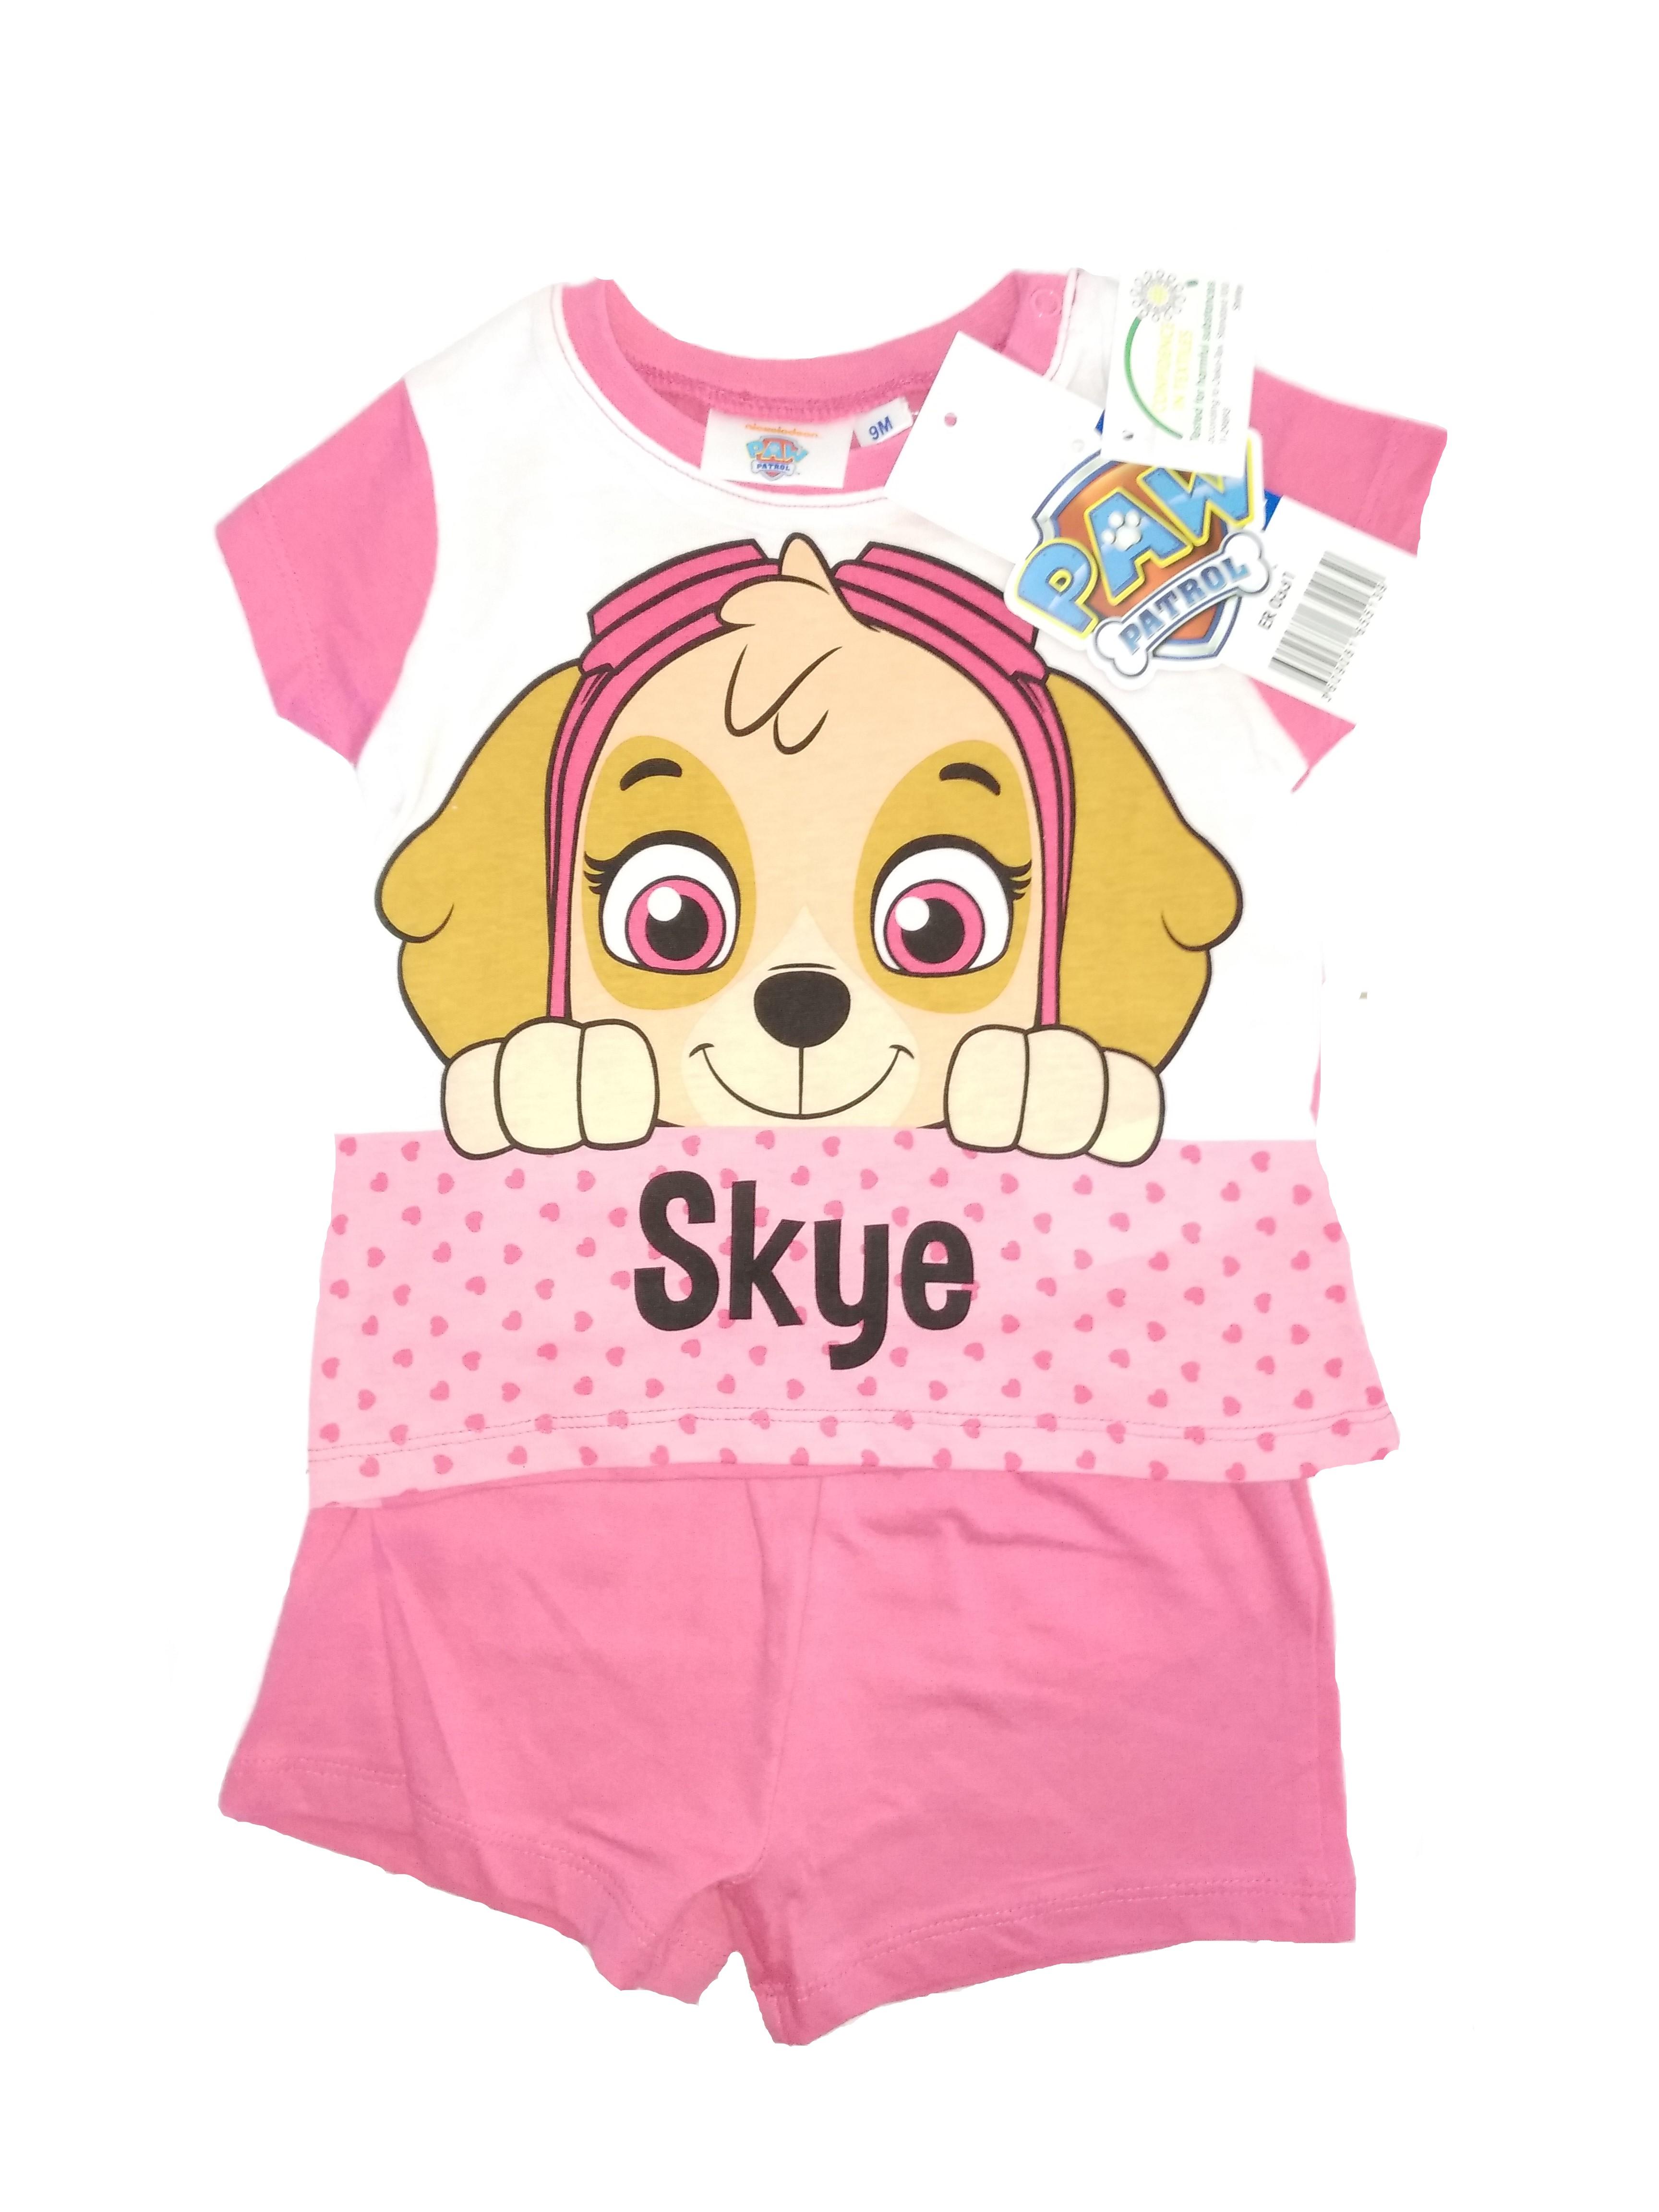 Paw Patrol Pyjama Skye für Kinder Pink (Auswahl)